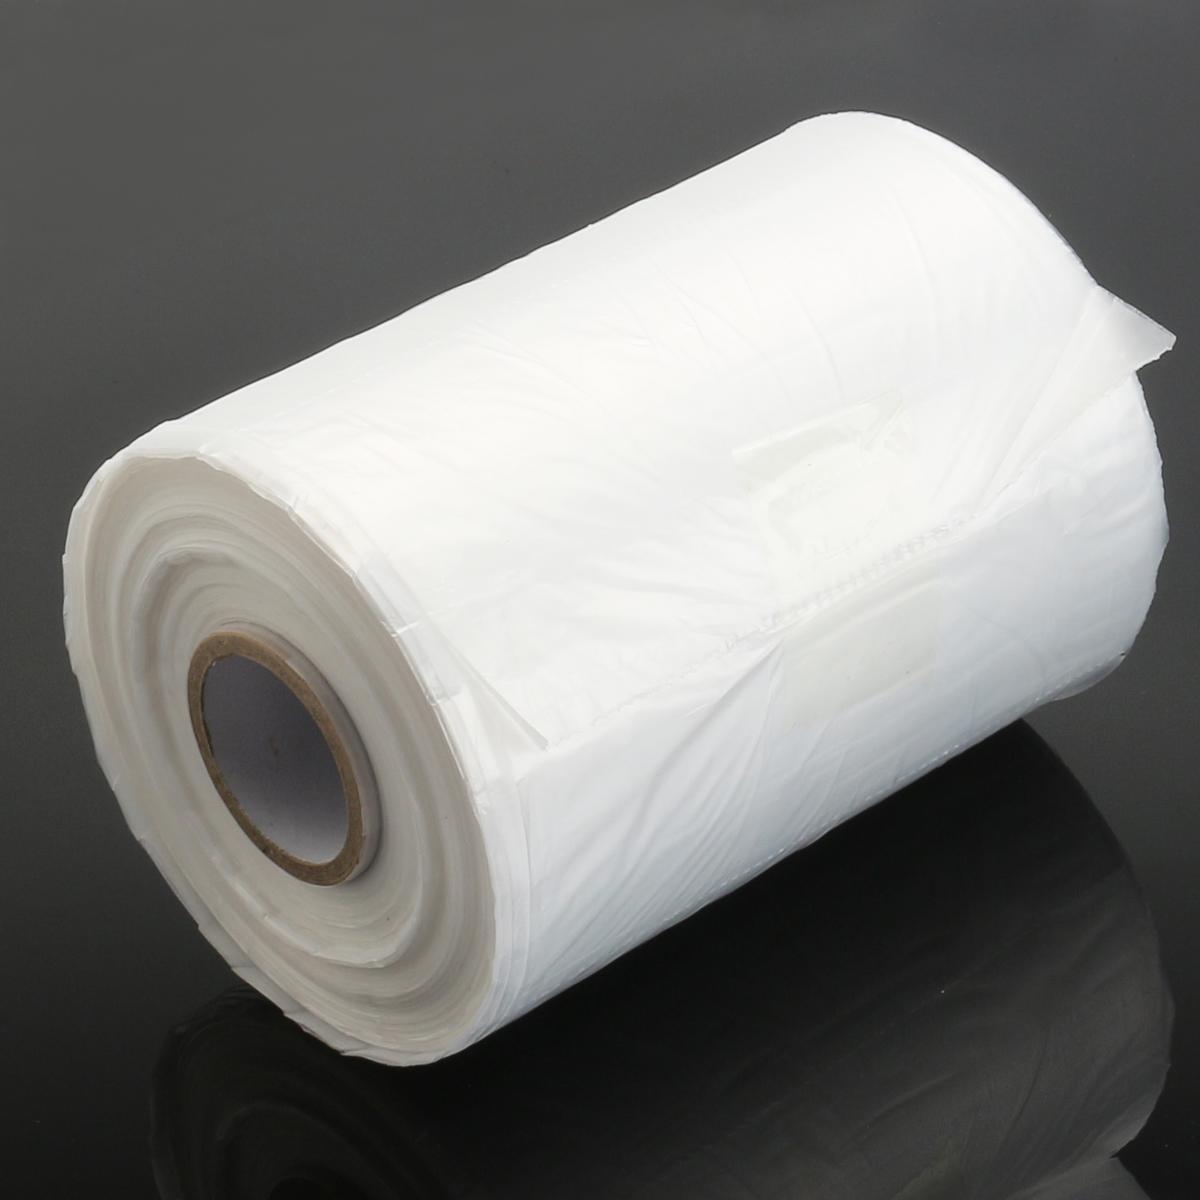 2800Pcs Mini Air Easi Air Cushion Air Pillow Packaging Bag for Wrap Machine 20x10cm